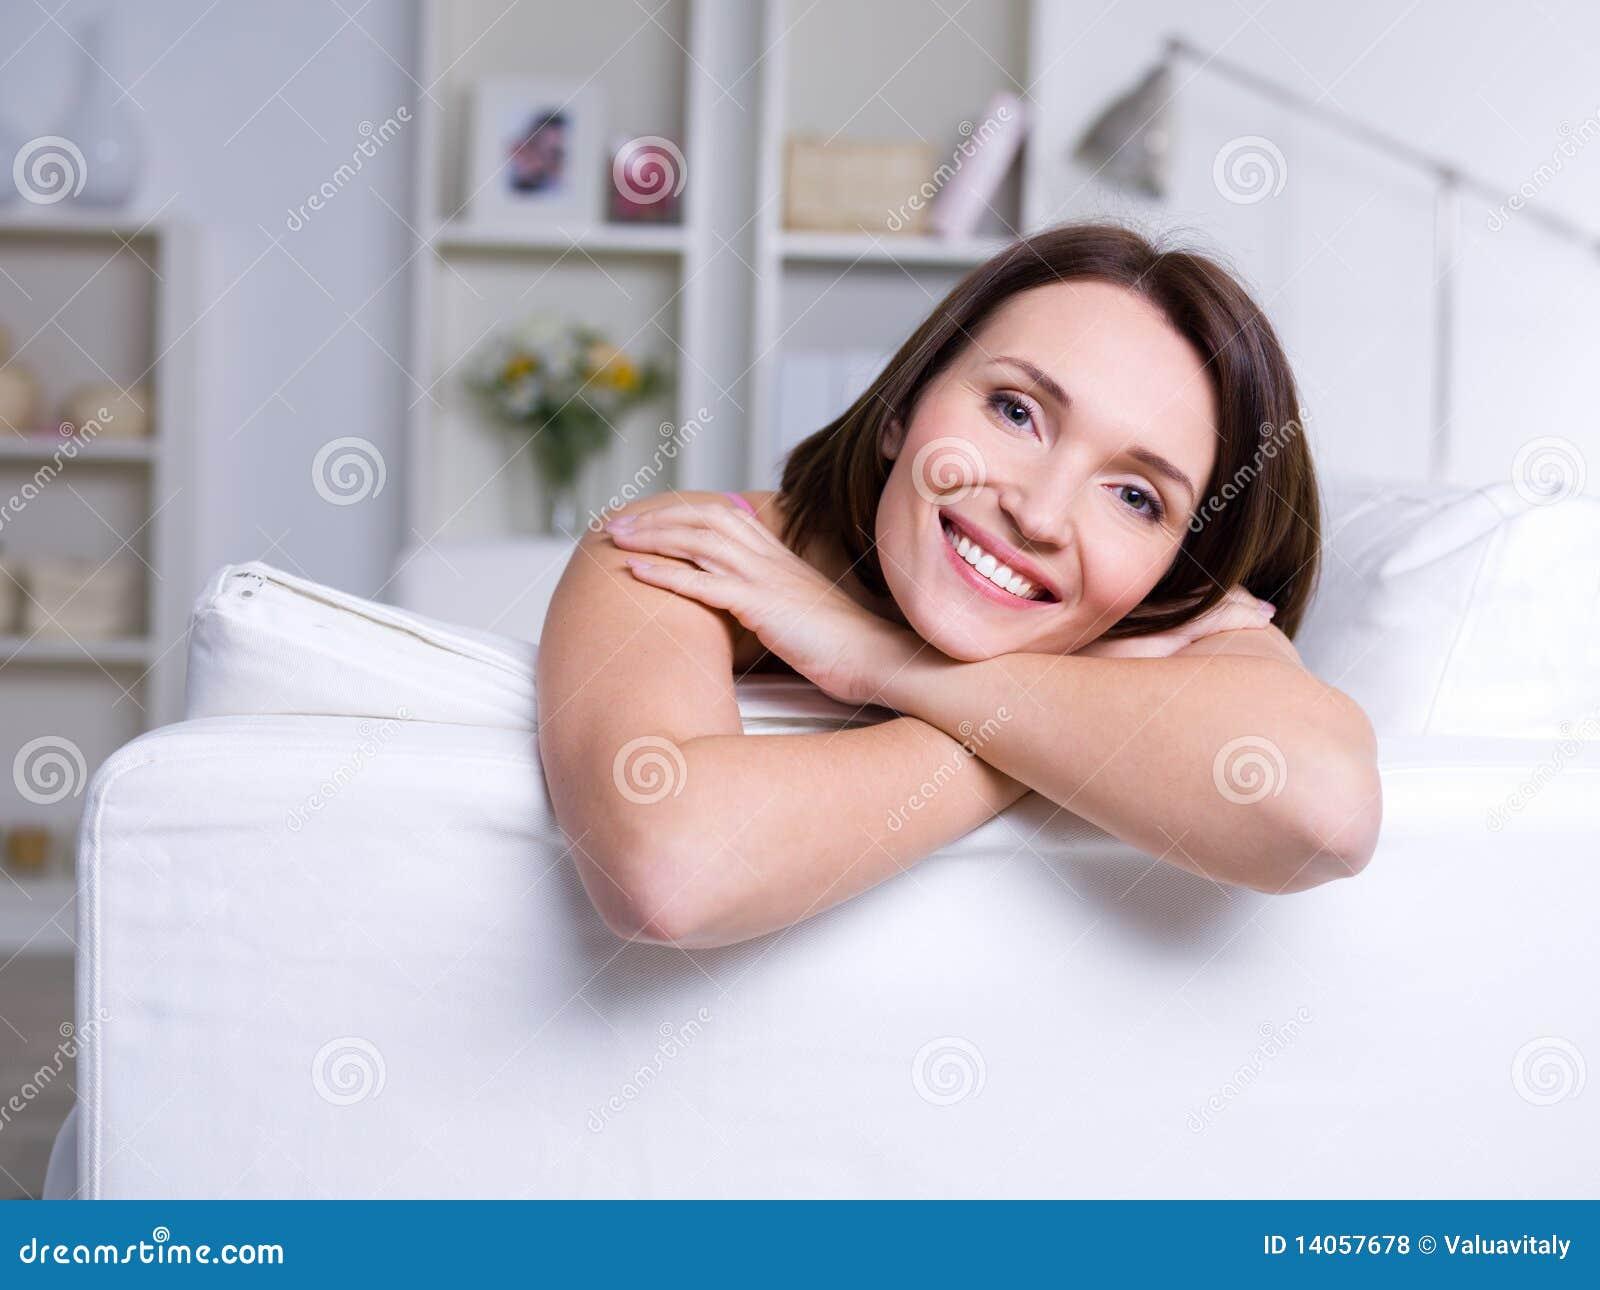 Красивый секс - Смотреть порно видео онлайн - страница 3